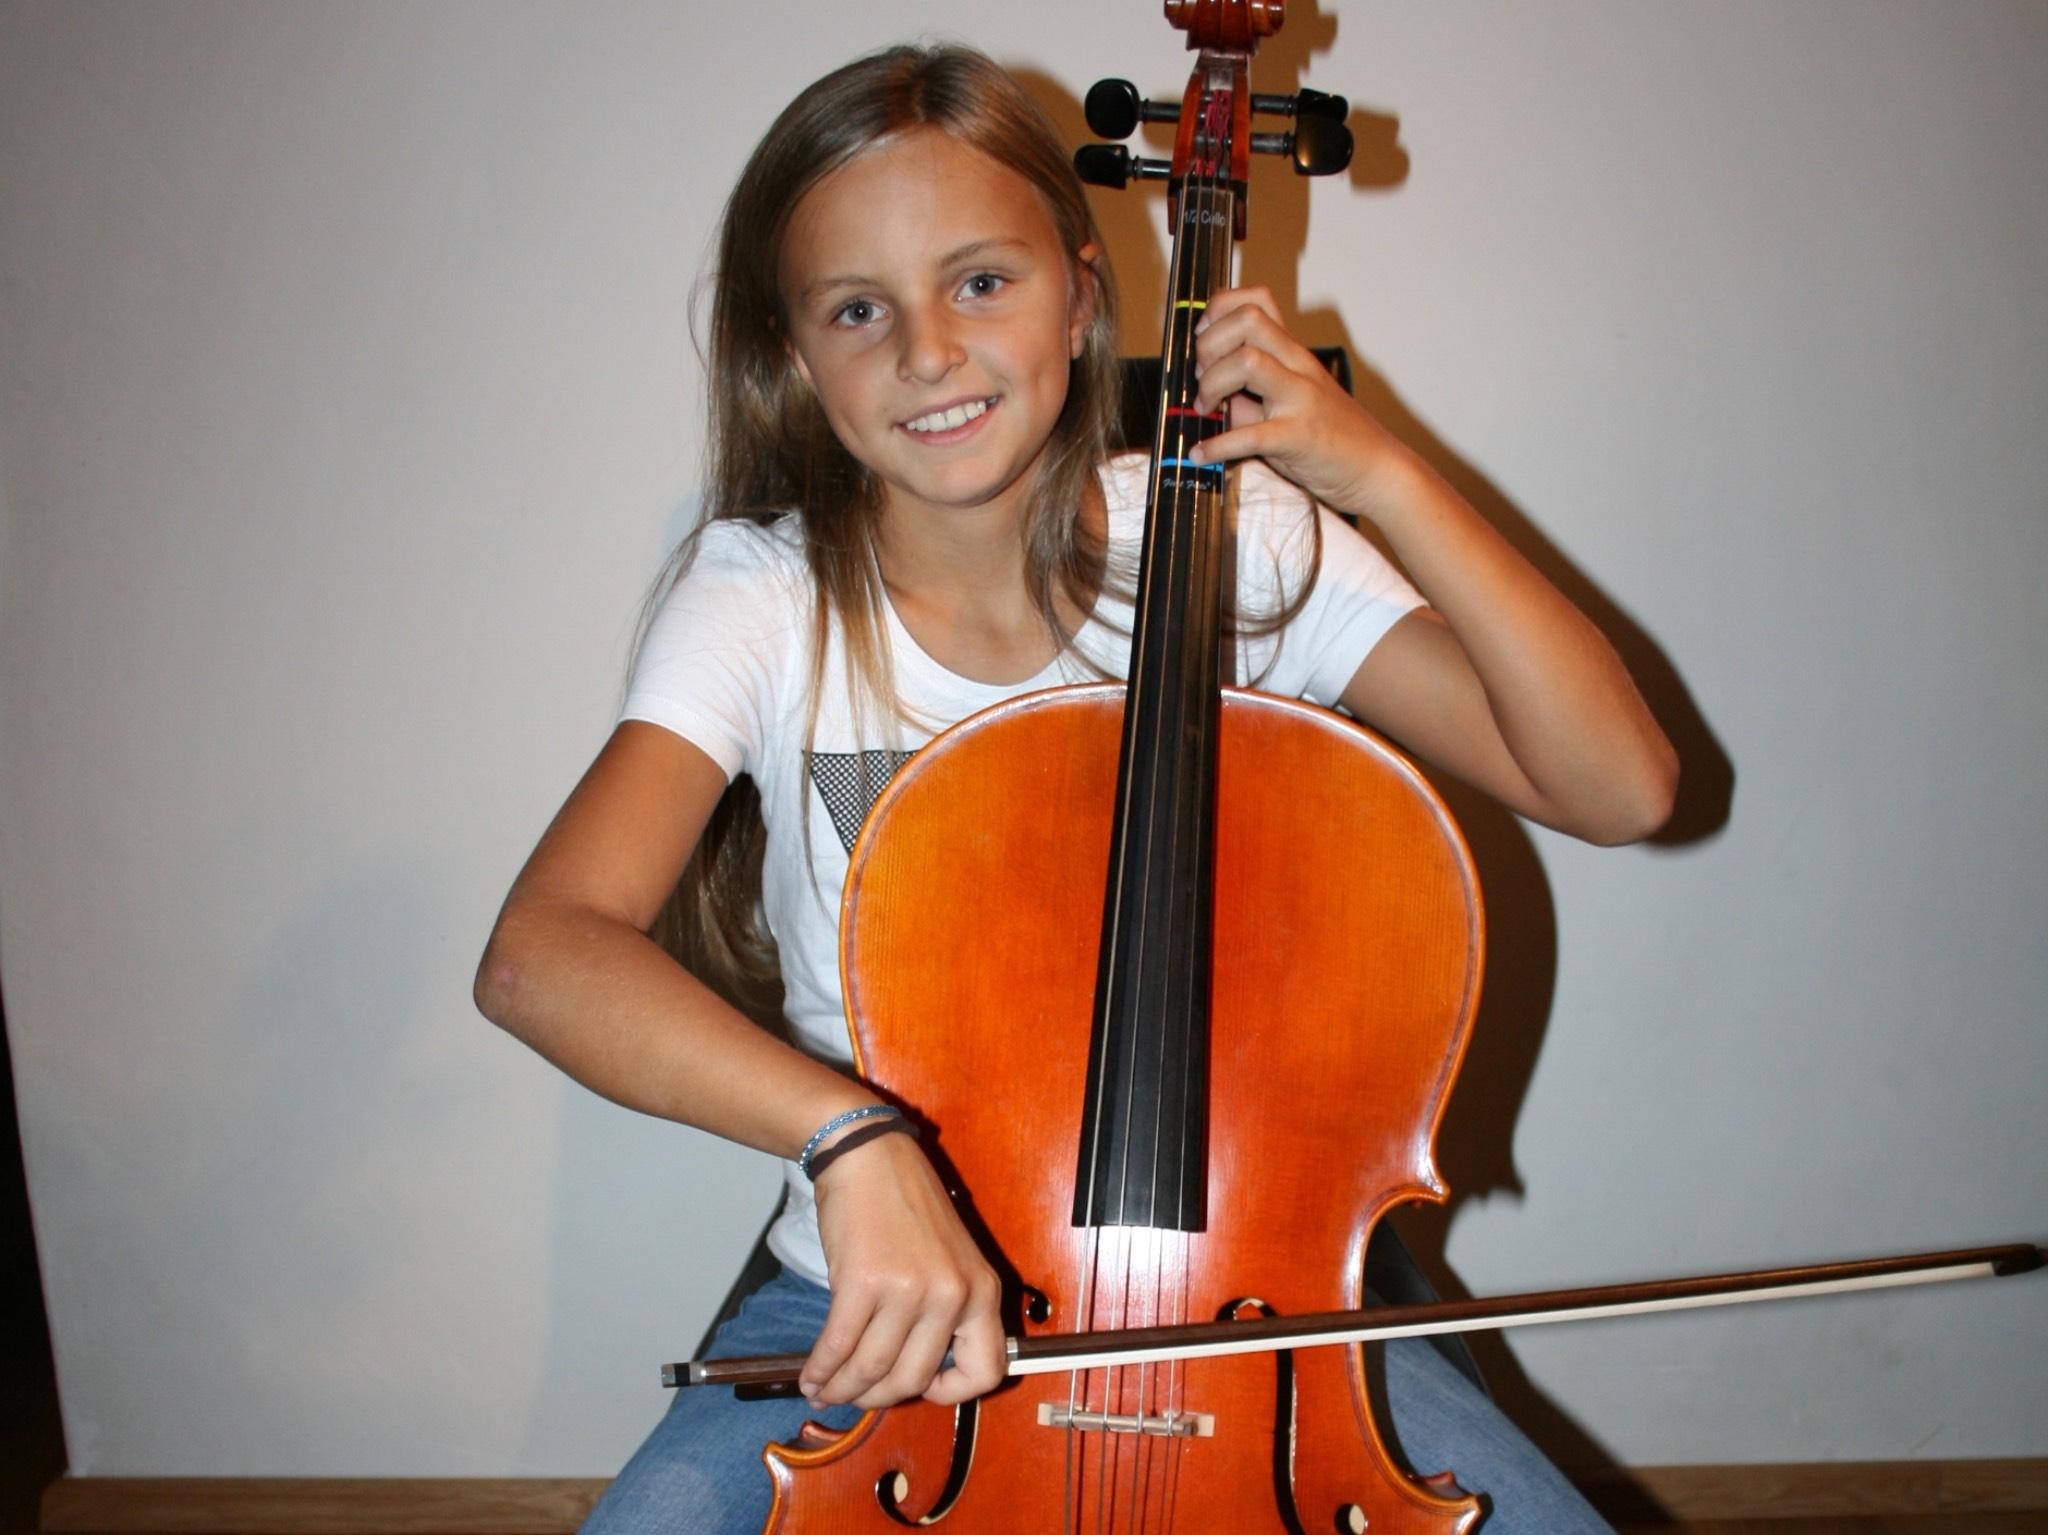 Die bisher jüngste Teilnehmerin Lewinia. Foto: Andy Sauerwein